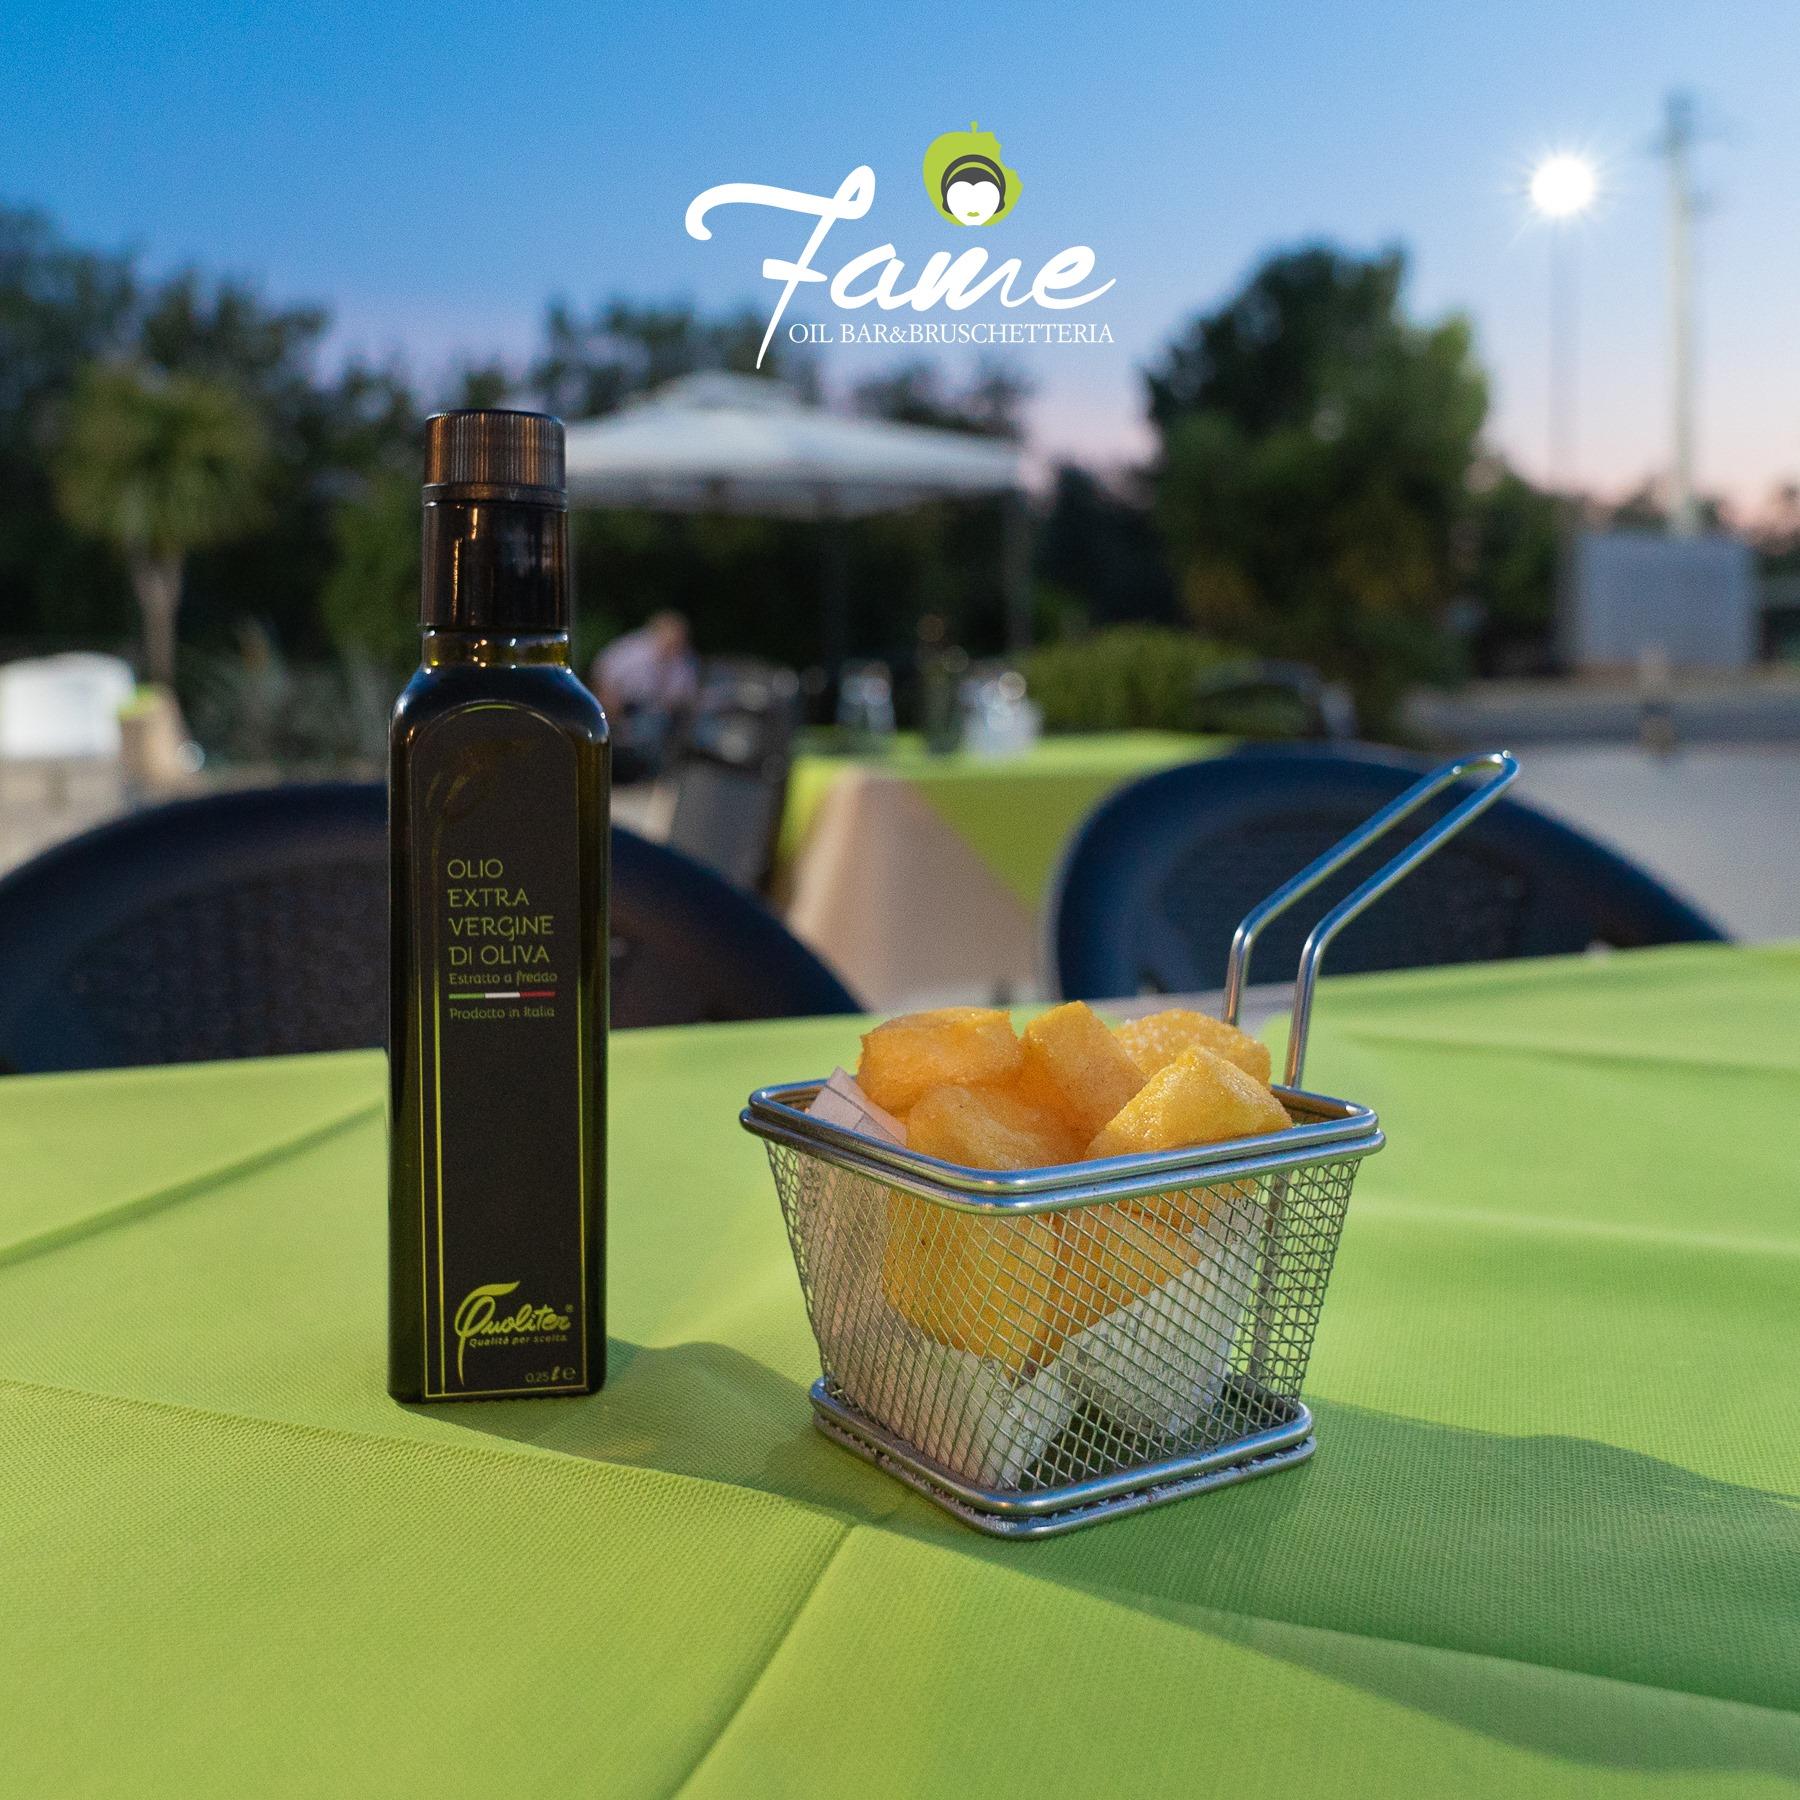 Fame Oil bar & bruschetteria: dal frantoio alla tavola.